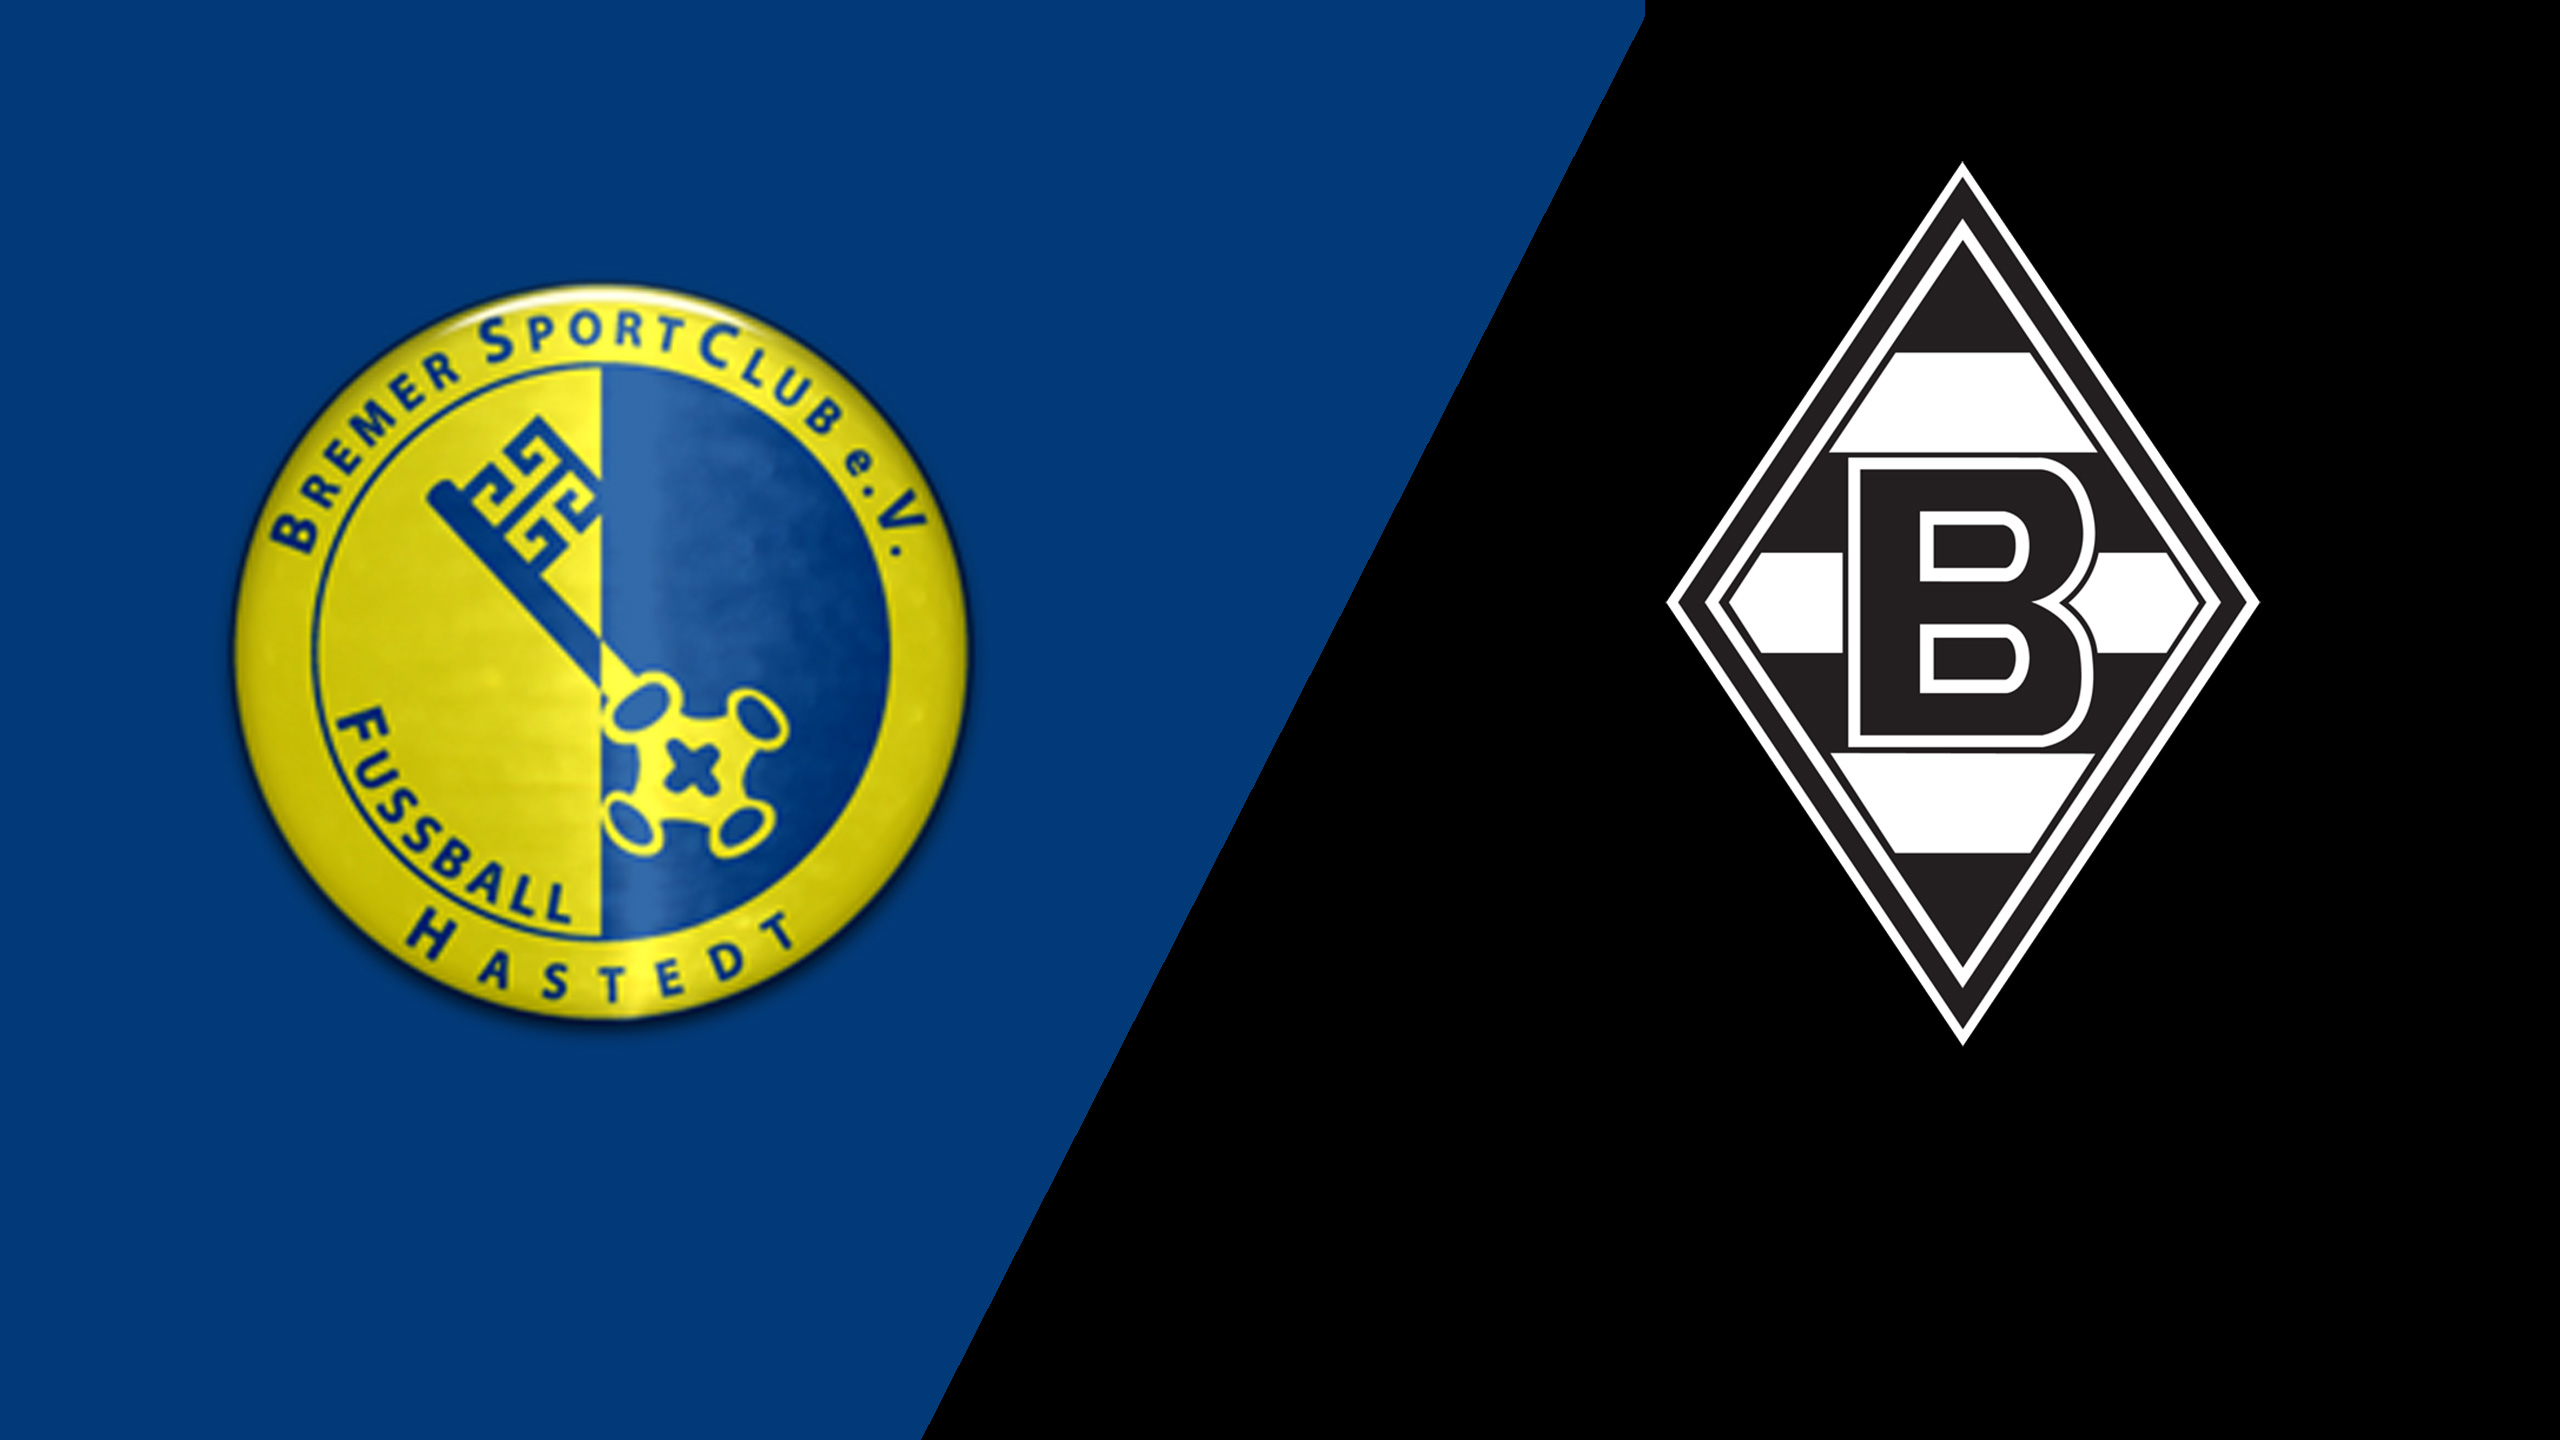 Hastedt vs. Borussia Monchengladbach (Round 1) (German Cup)